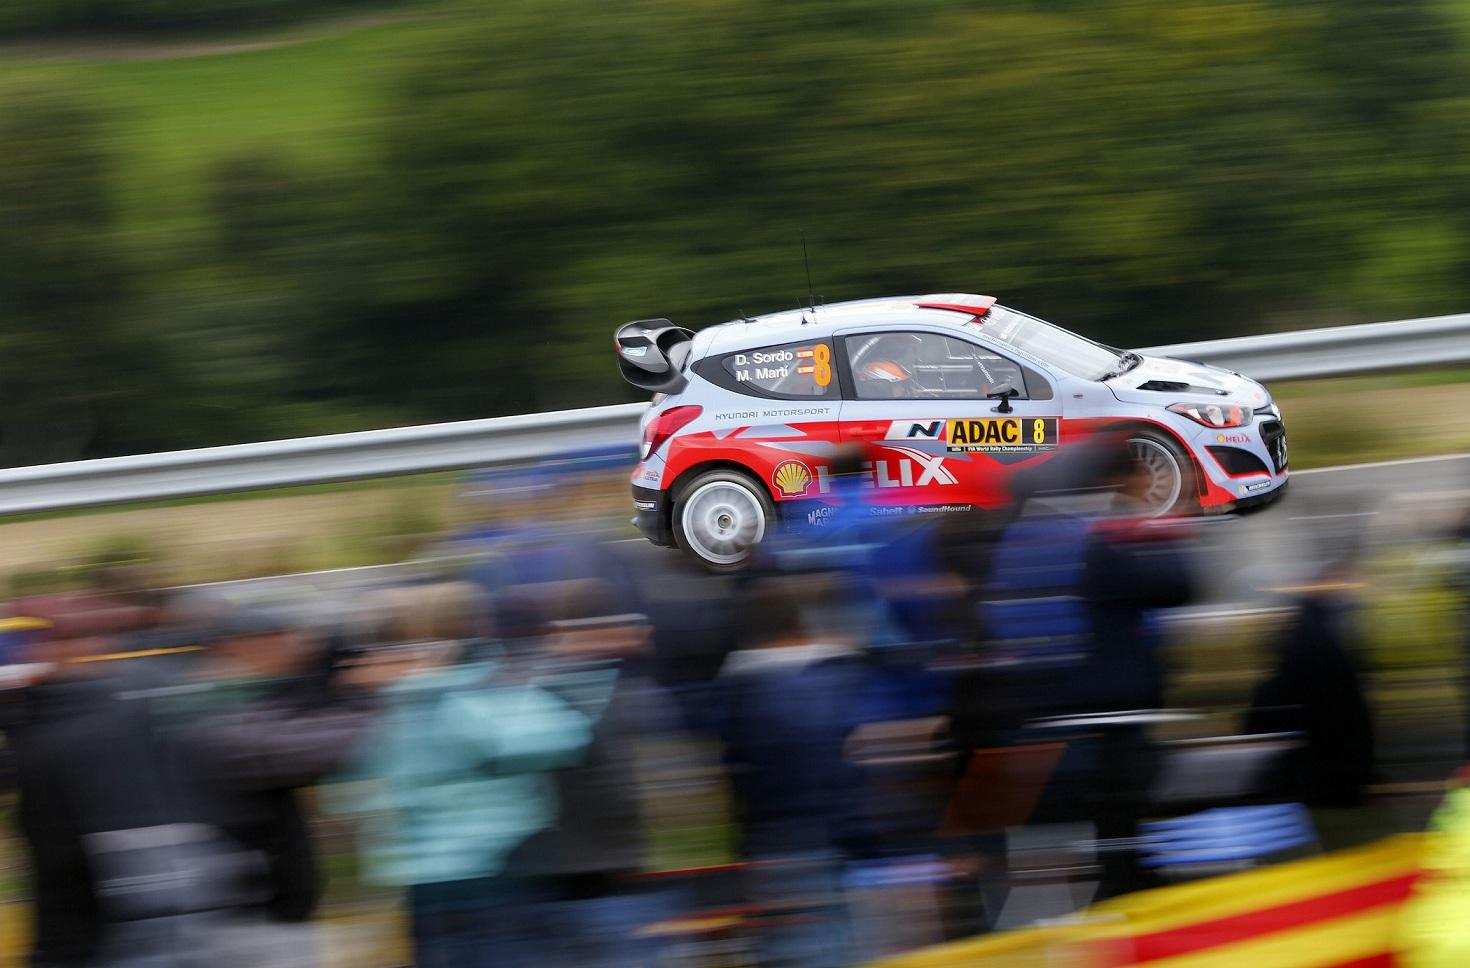 Raliul Germaniei, inceput bun pentru echipa Hyundai Shell World Rally pe teren propriu